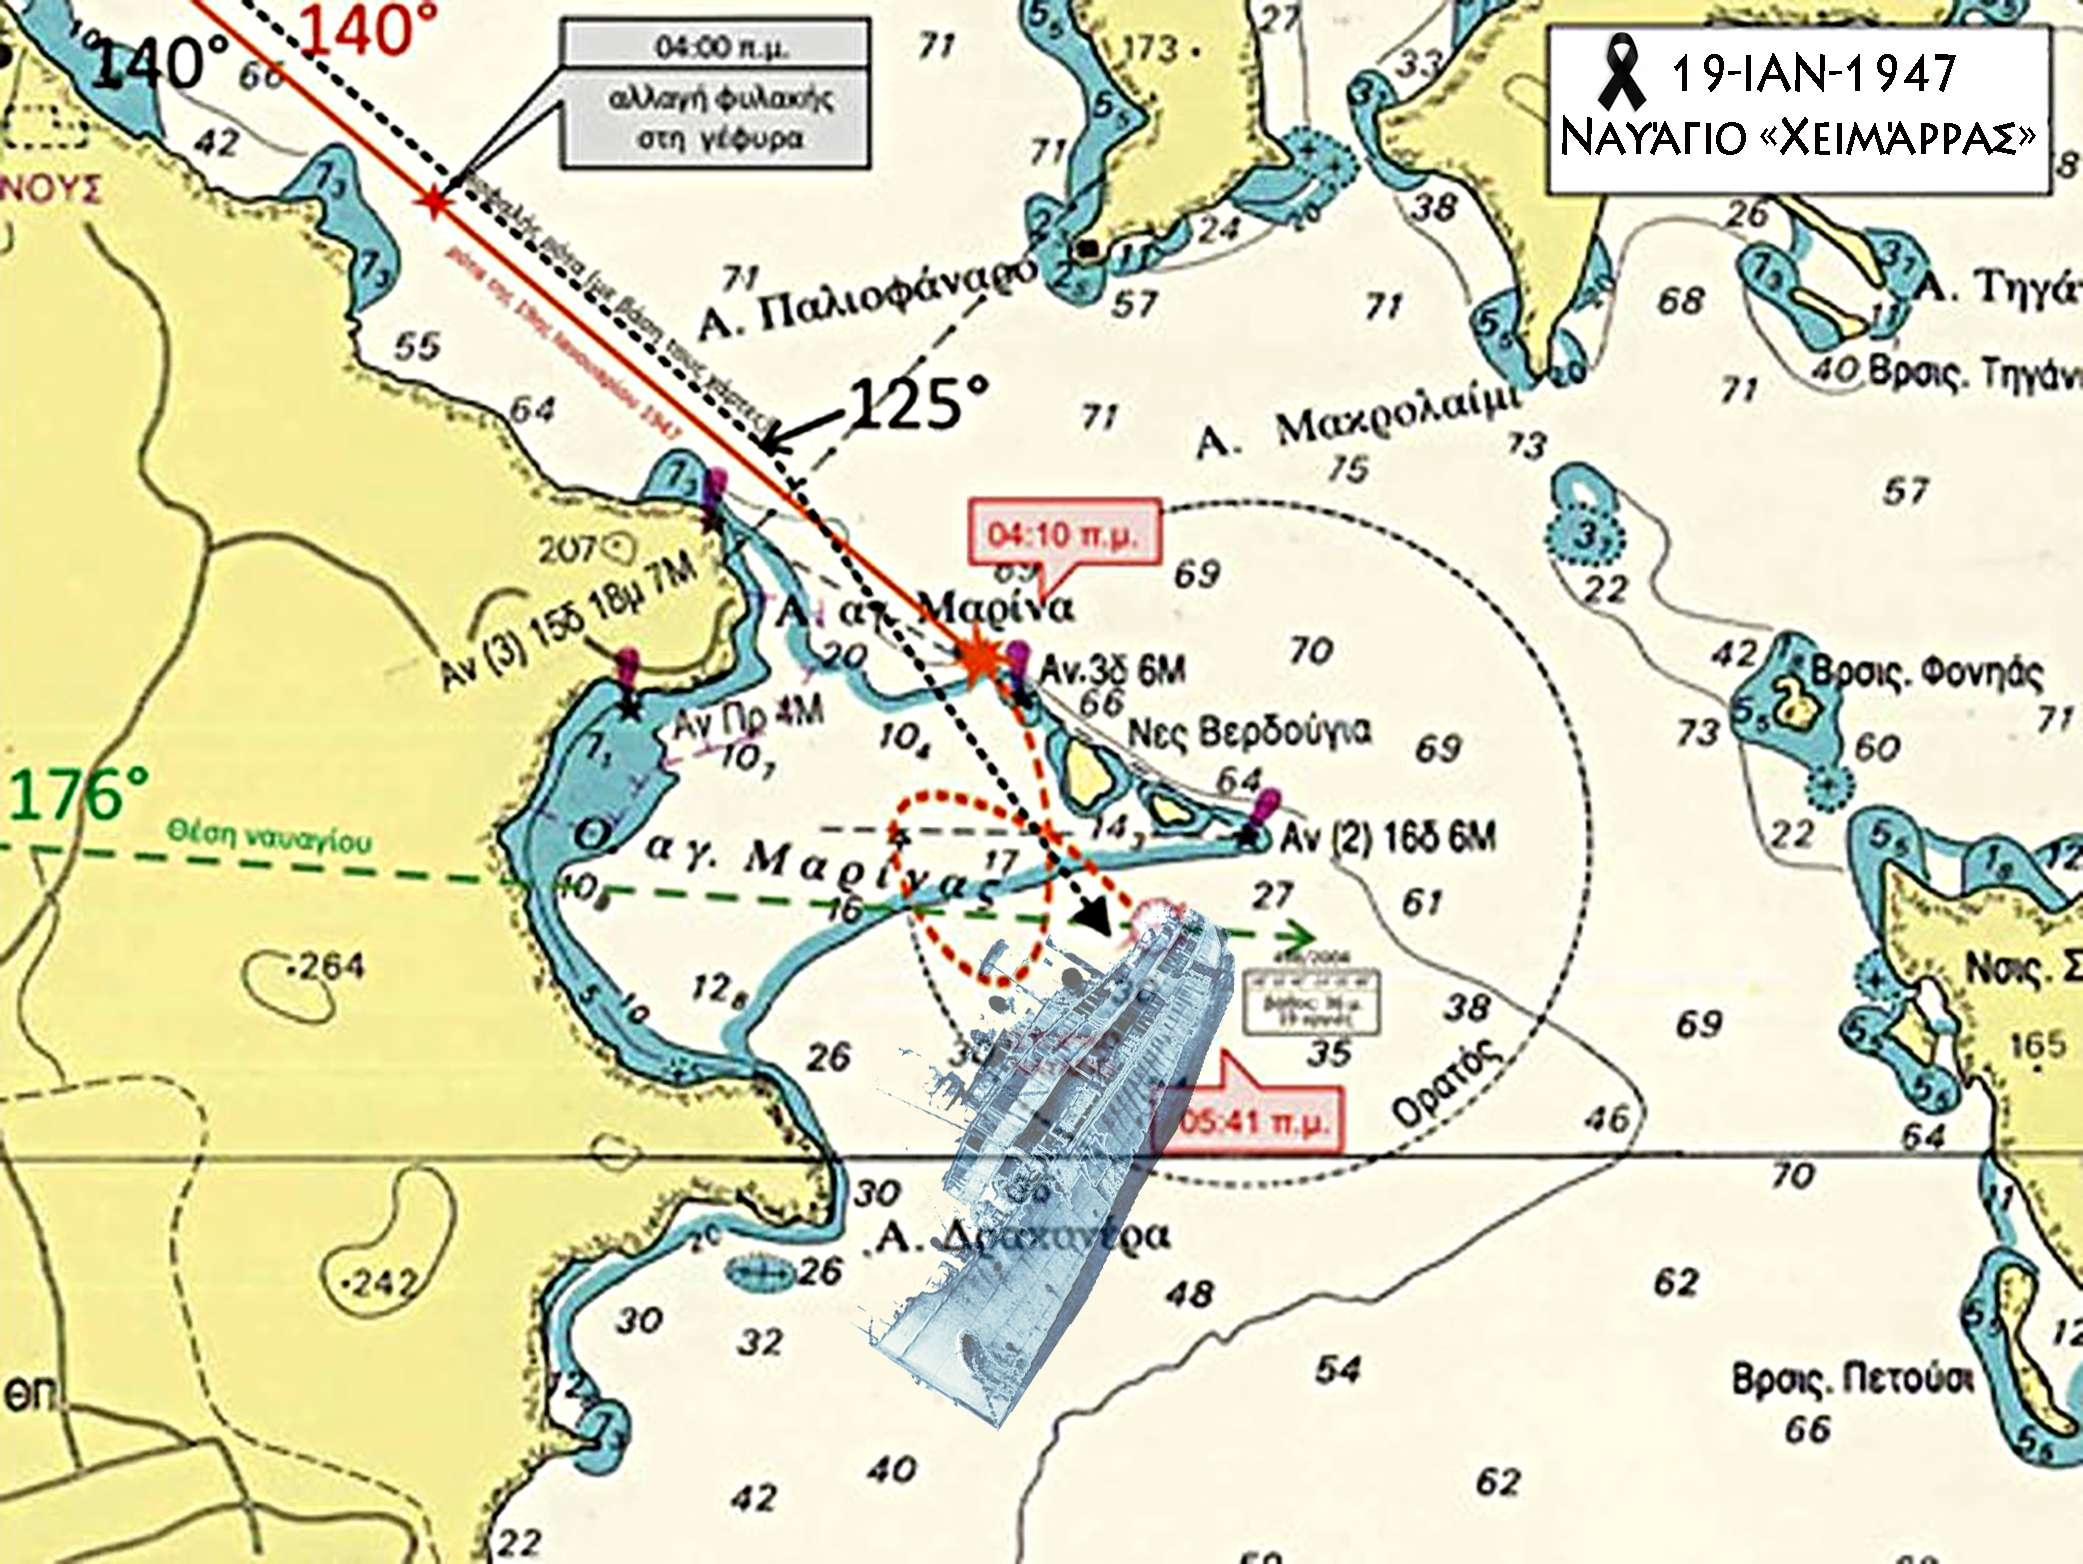 Χειμάρρα ναυάγιο Χάρτης